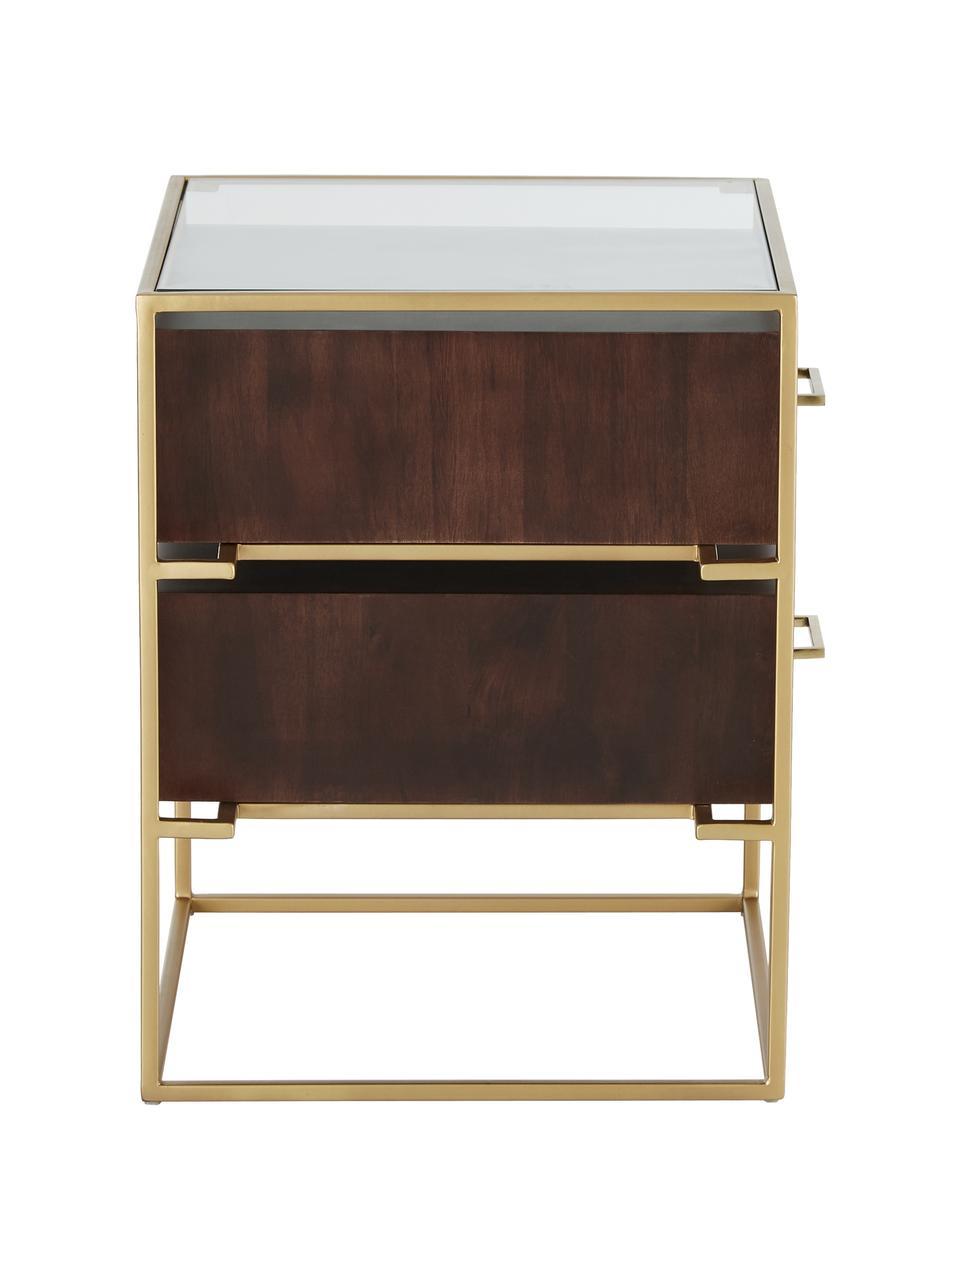 Table de chevet avec plateau en verre Lyle, Brun foncé, couleur dorée